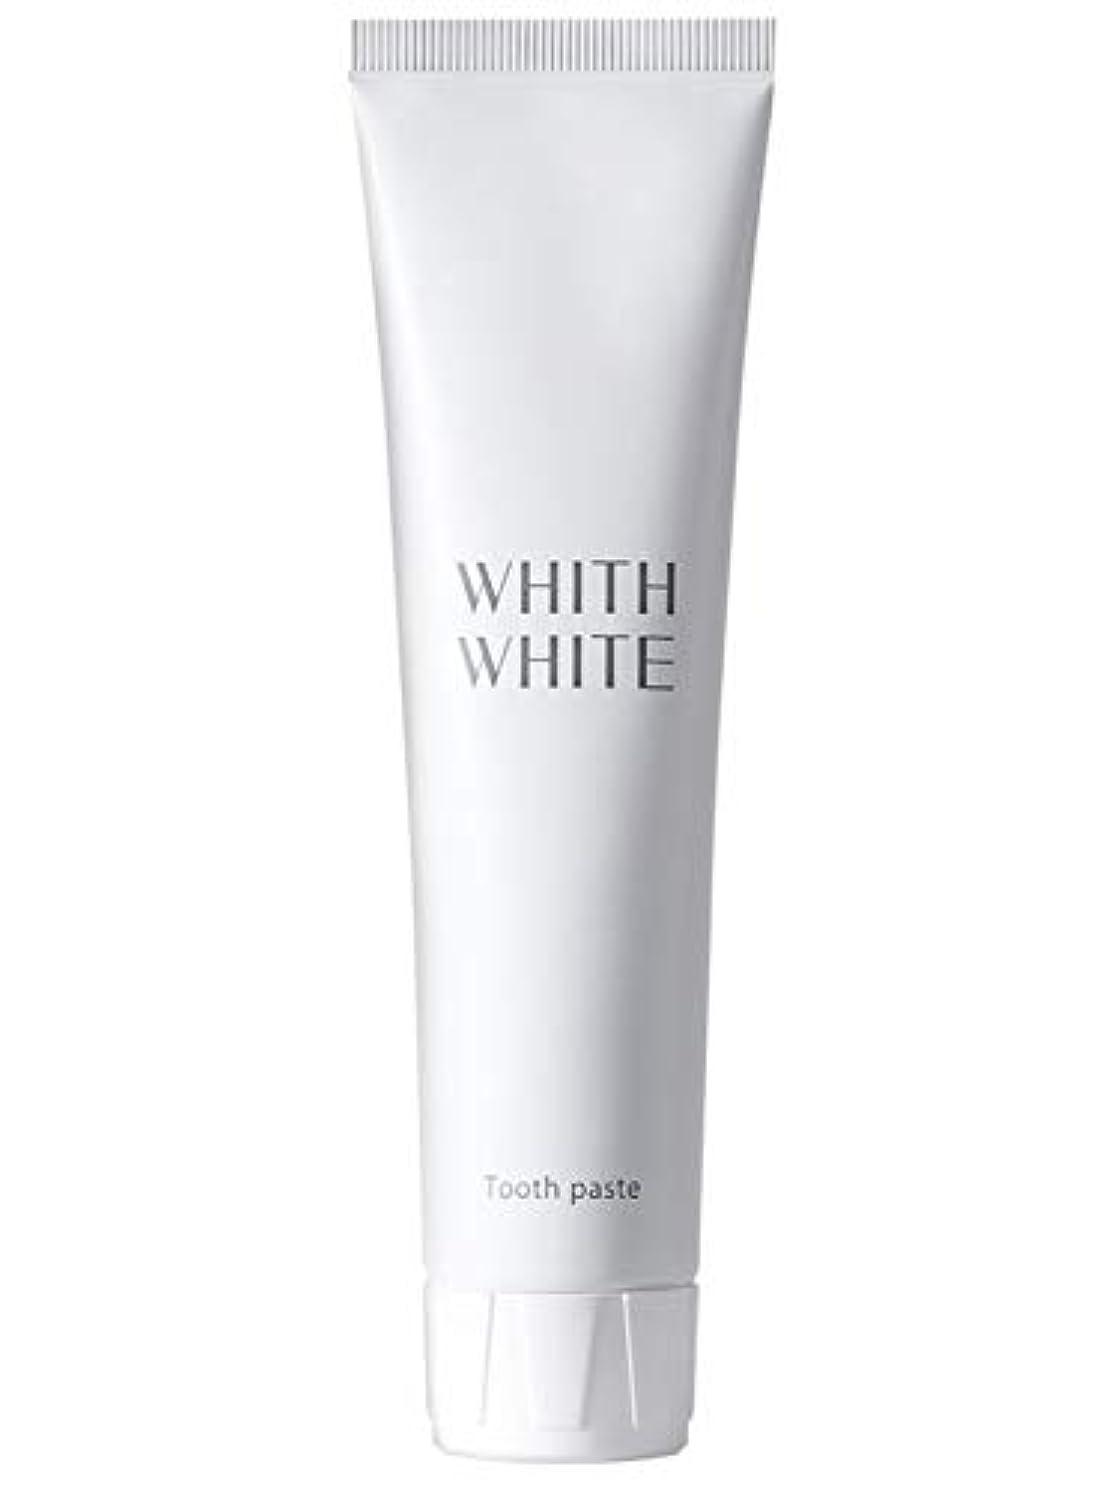 塗抹考慮さておきホワイトニング 歯磨き粉 フィス ホワイト 医薬部外品 薬用 歯磨き 【 歯周病 口臭予防 フッ素 キシリトール 配合 】「 歯 を 白く する はみがき粉 」「 子供 にも使える 大人 こども 日本製 120g 」